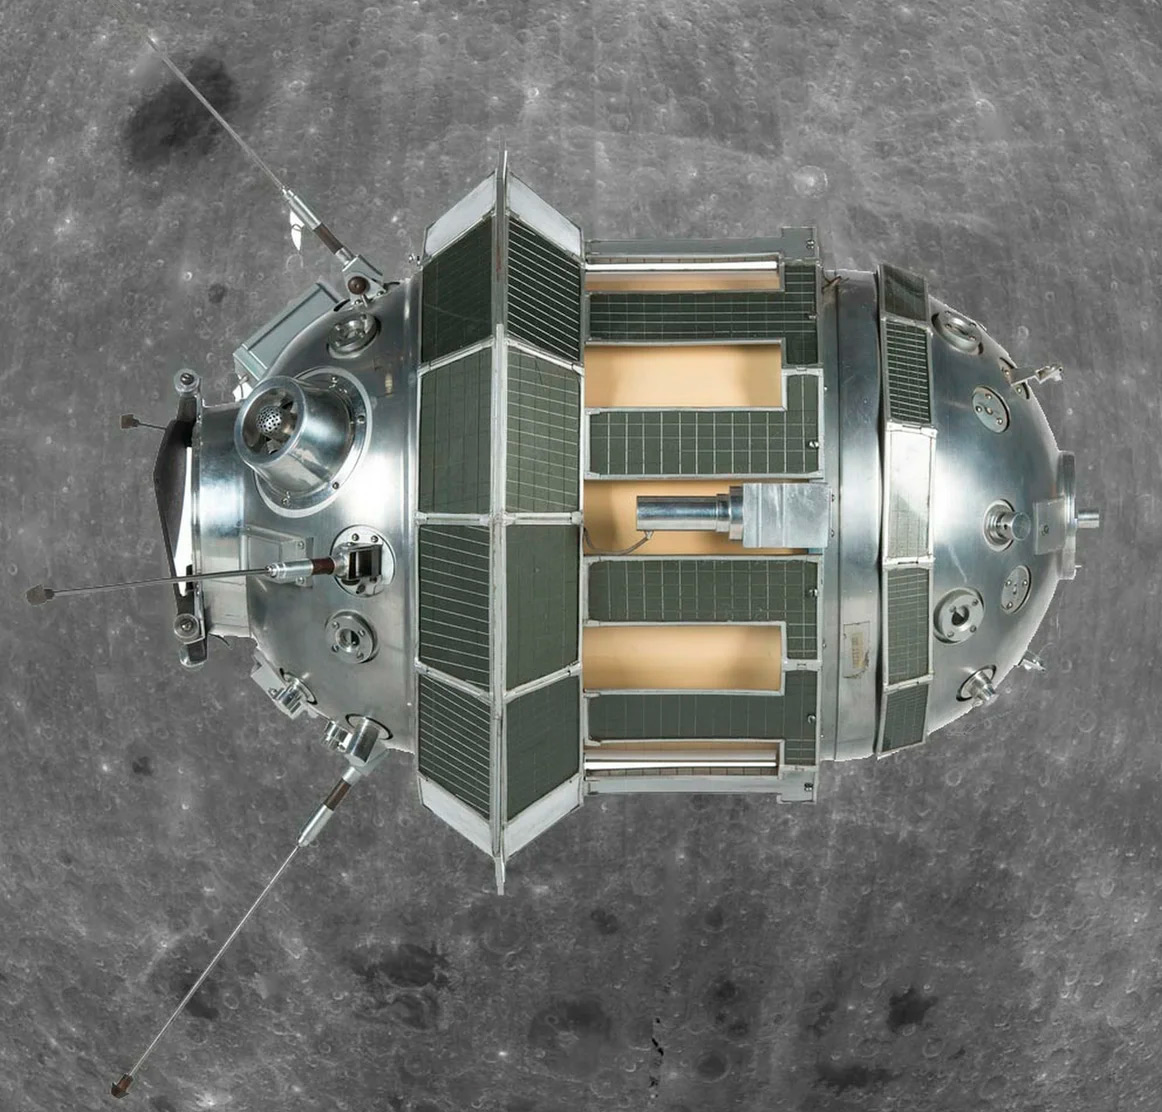 Луна-3: именно такая станция впервые сфотографировала и передала на Землю обратную сторону Луны